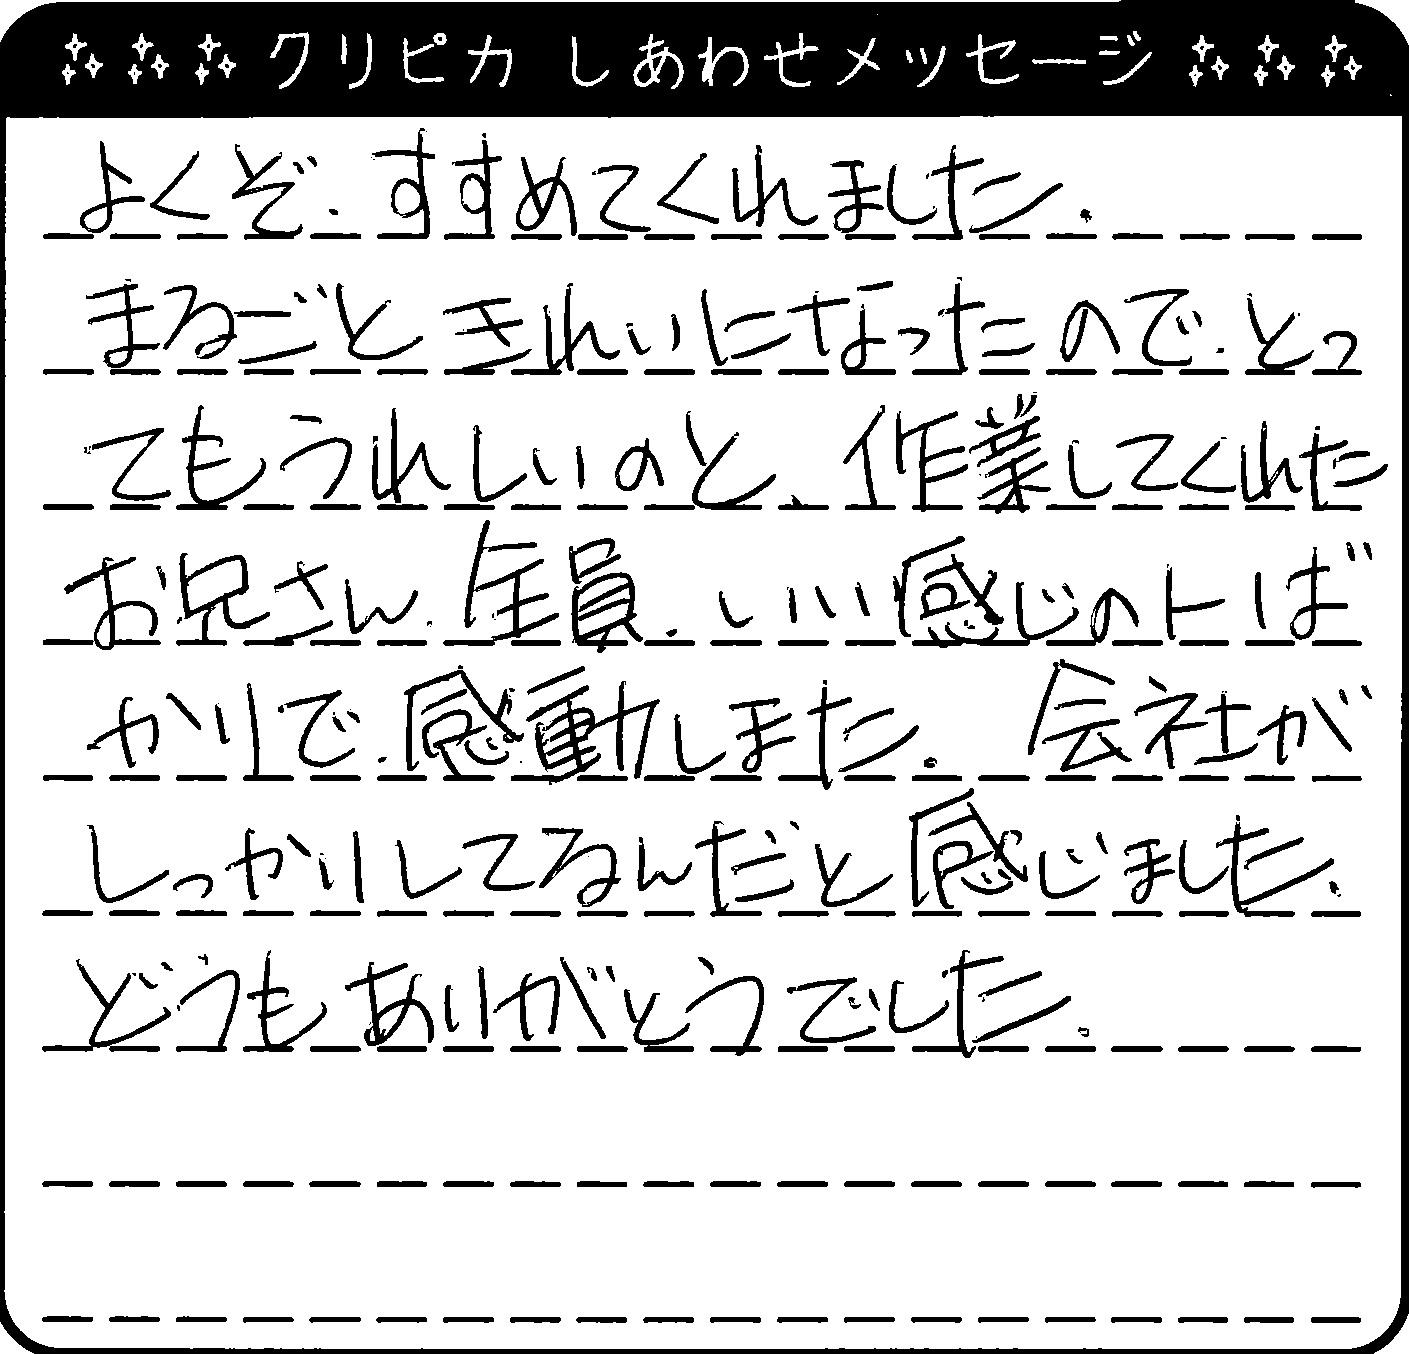 京都府 Y様からのしあわせメッセージ